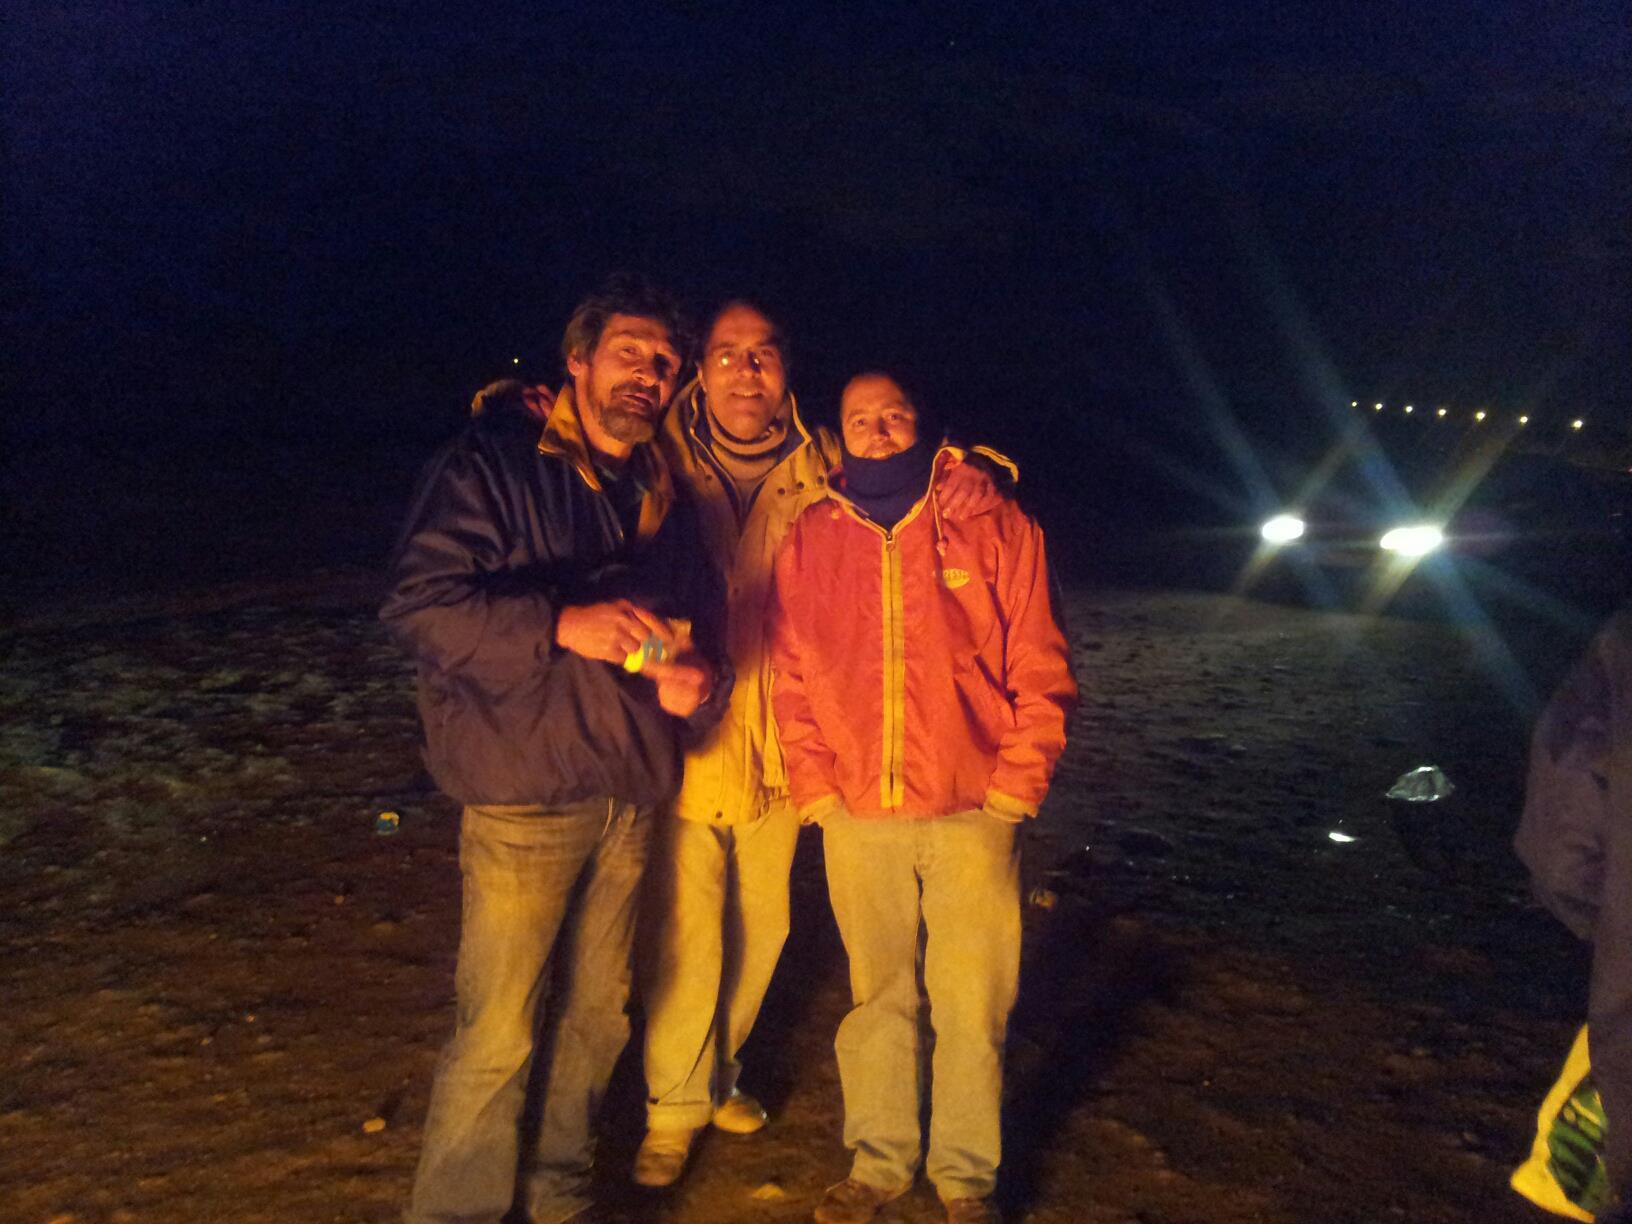 Sebas, Sandokan y Nachito